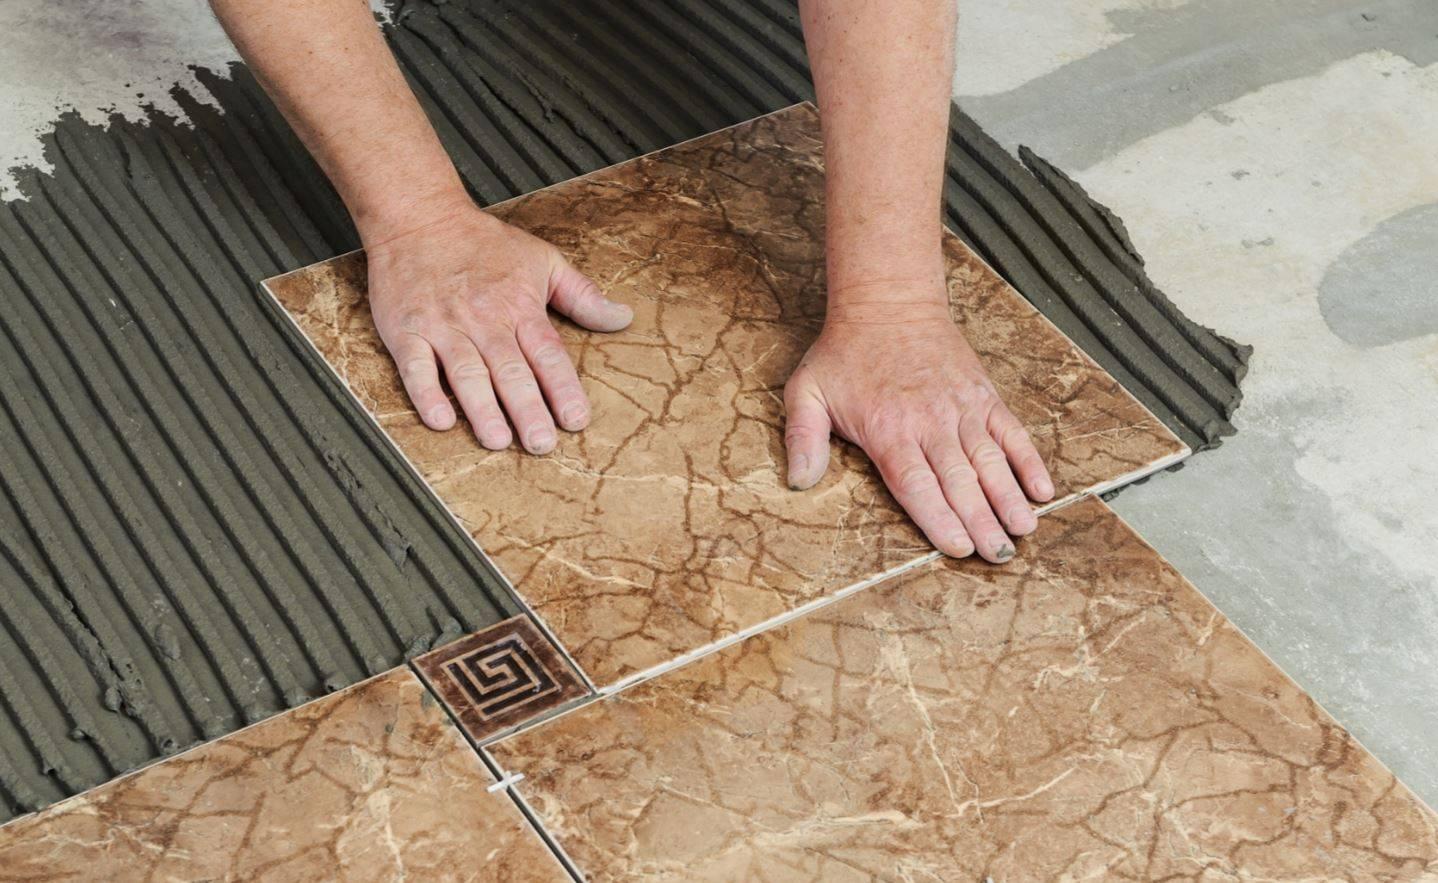 Как положить плитку на деревянный пол: можно ли положить плитку на деревянный пол и как правильно